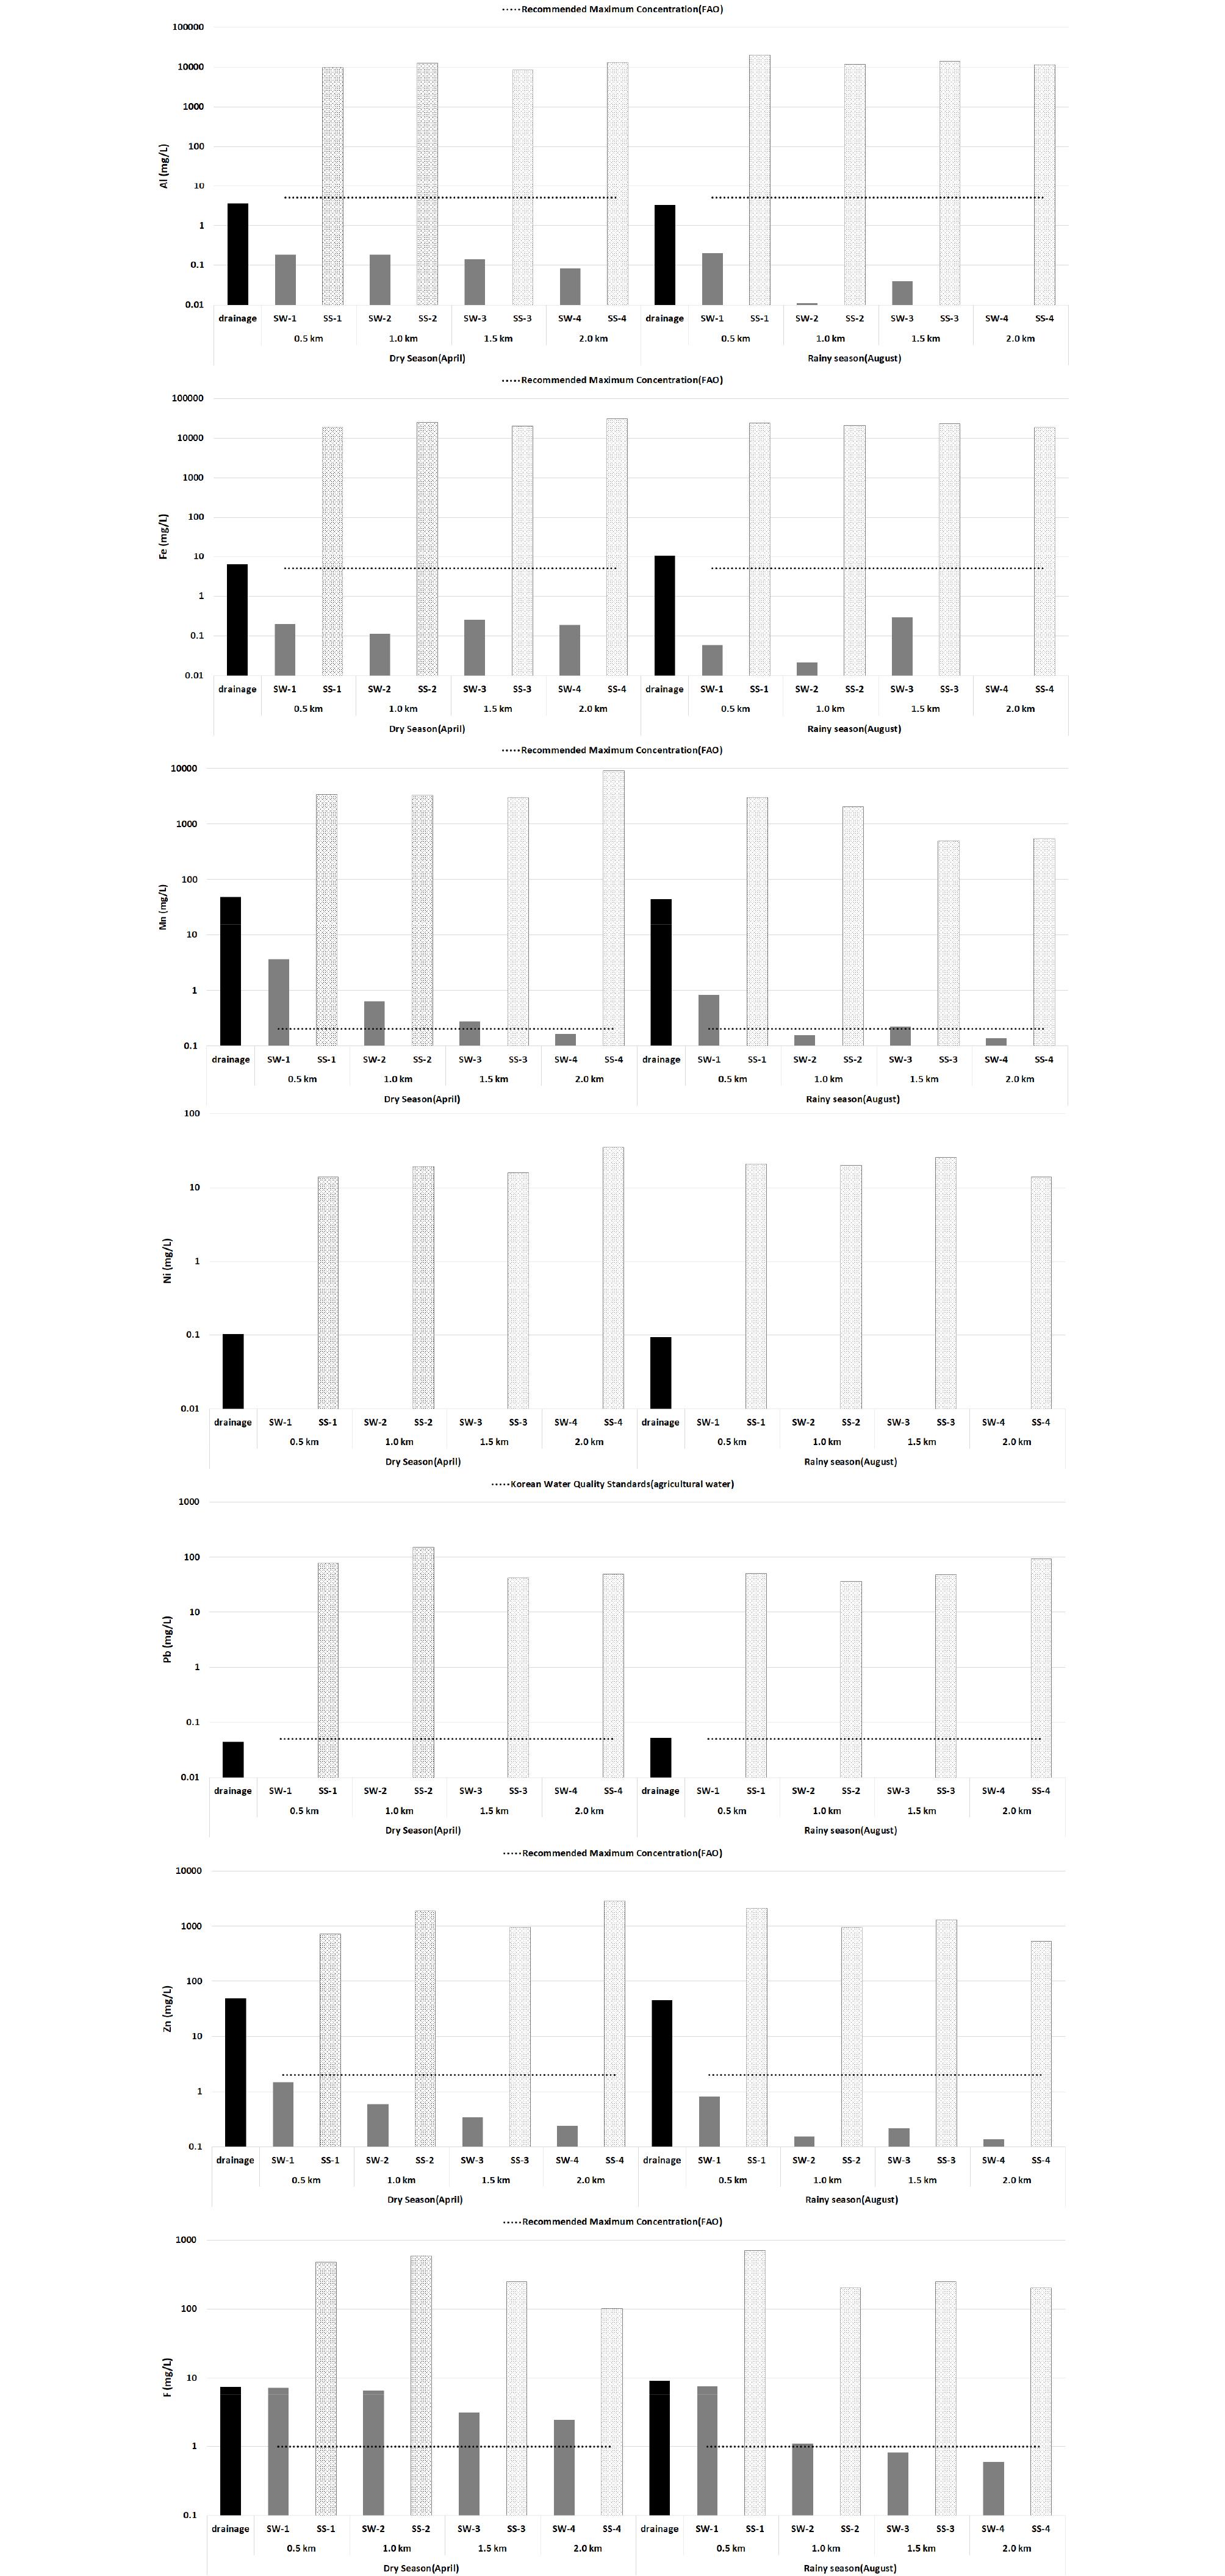 http://static.apub.kr/journalsite/sites/ksmer/2020-057-01/N0330570102/images/ksmer_57_01_02_F3.jpg